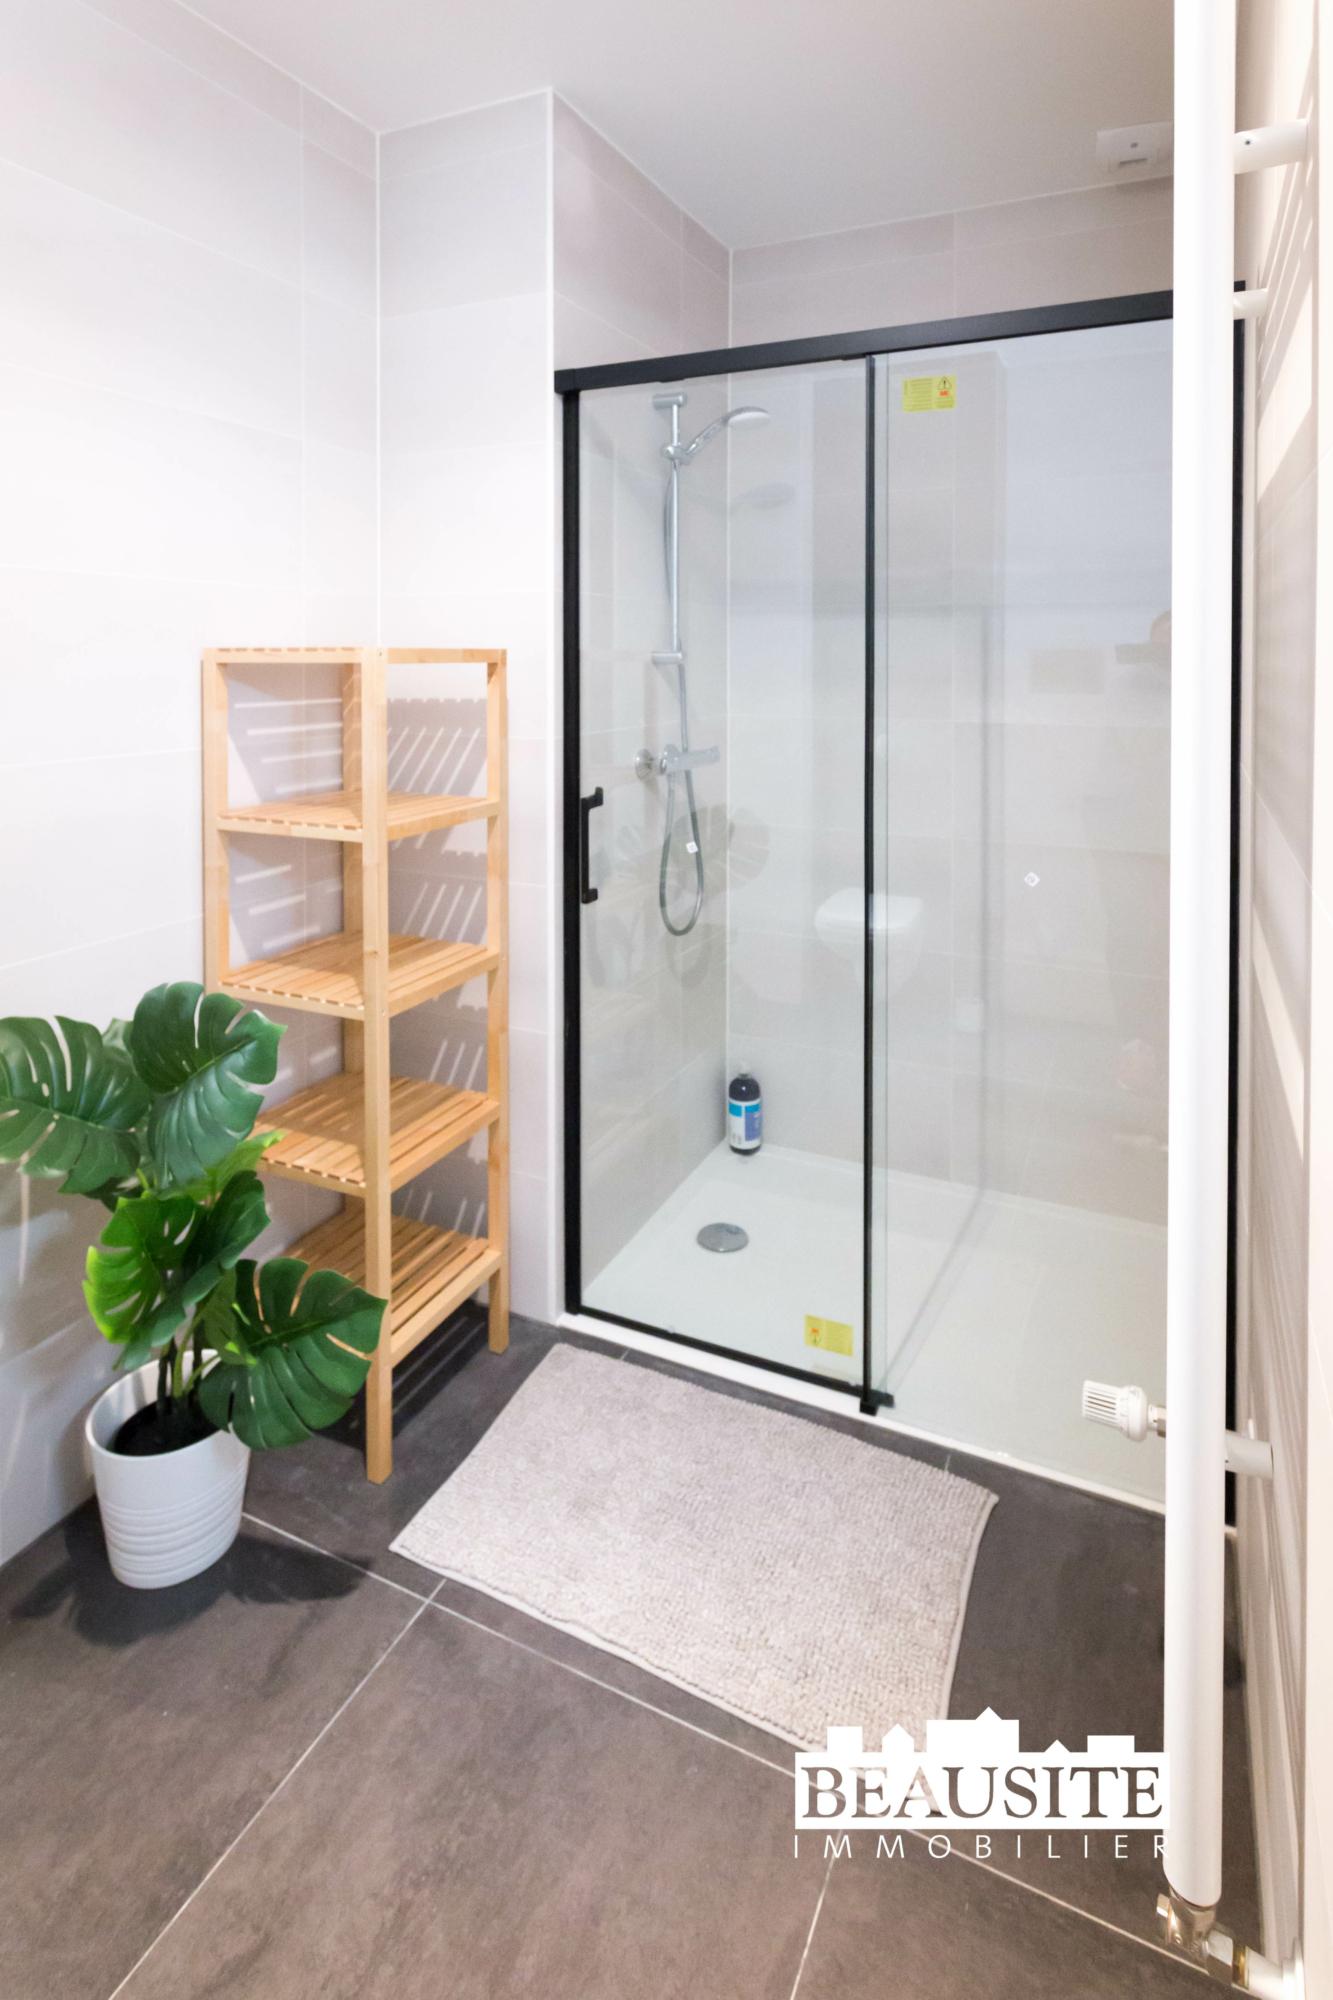 [Green] Appartement avec jardin au coeur de la Krutenau / rue Fritz Kiener - nos ventes - Beausite Immobilier 9